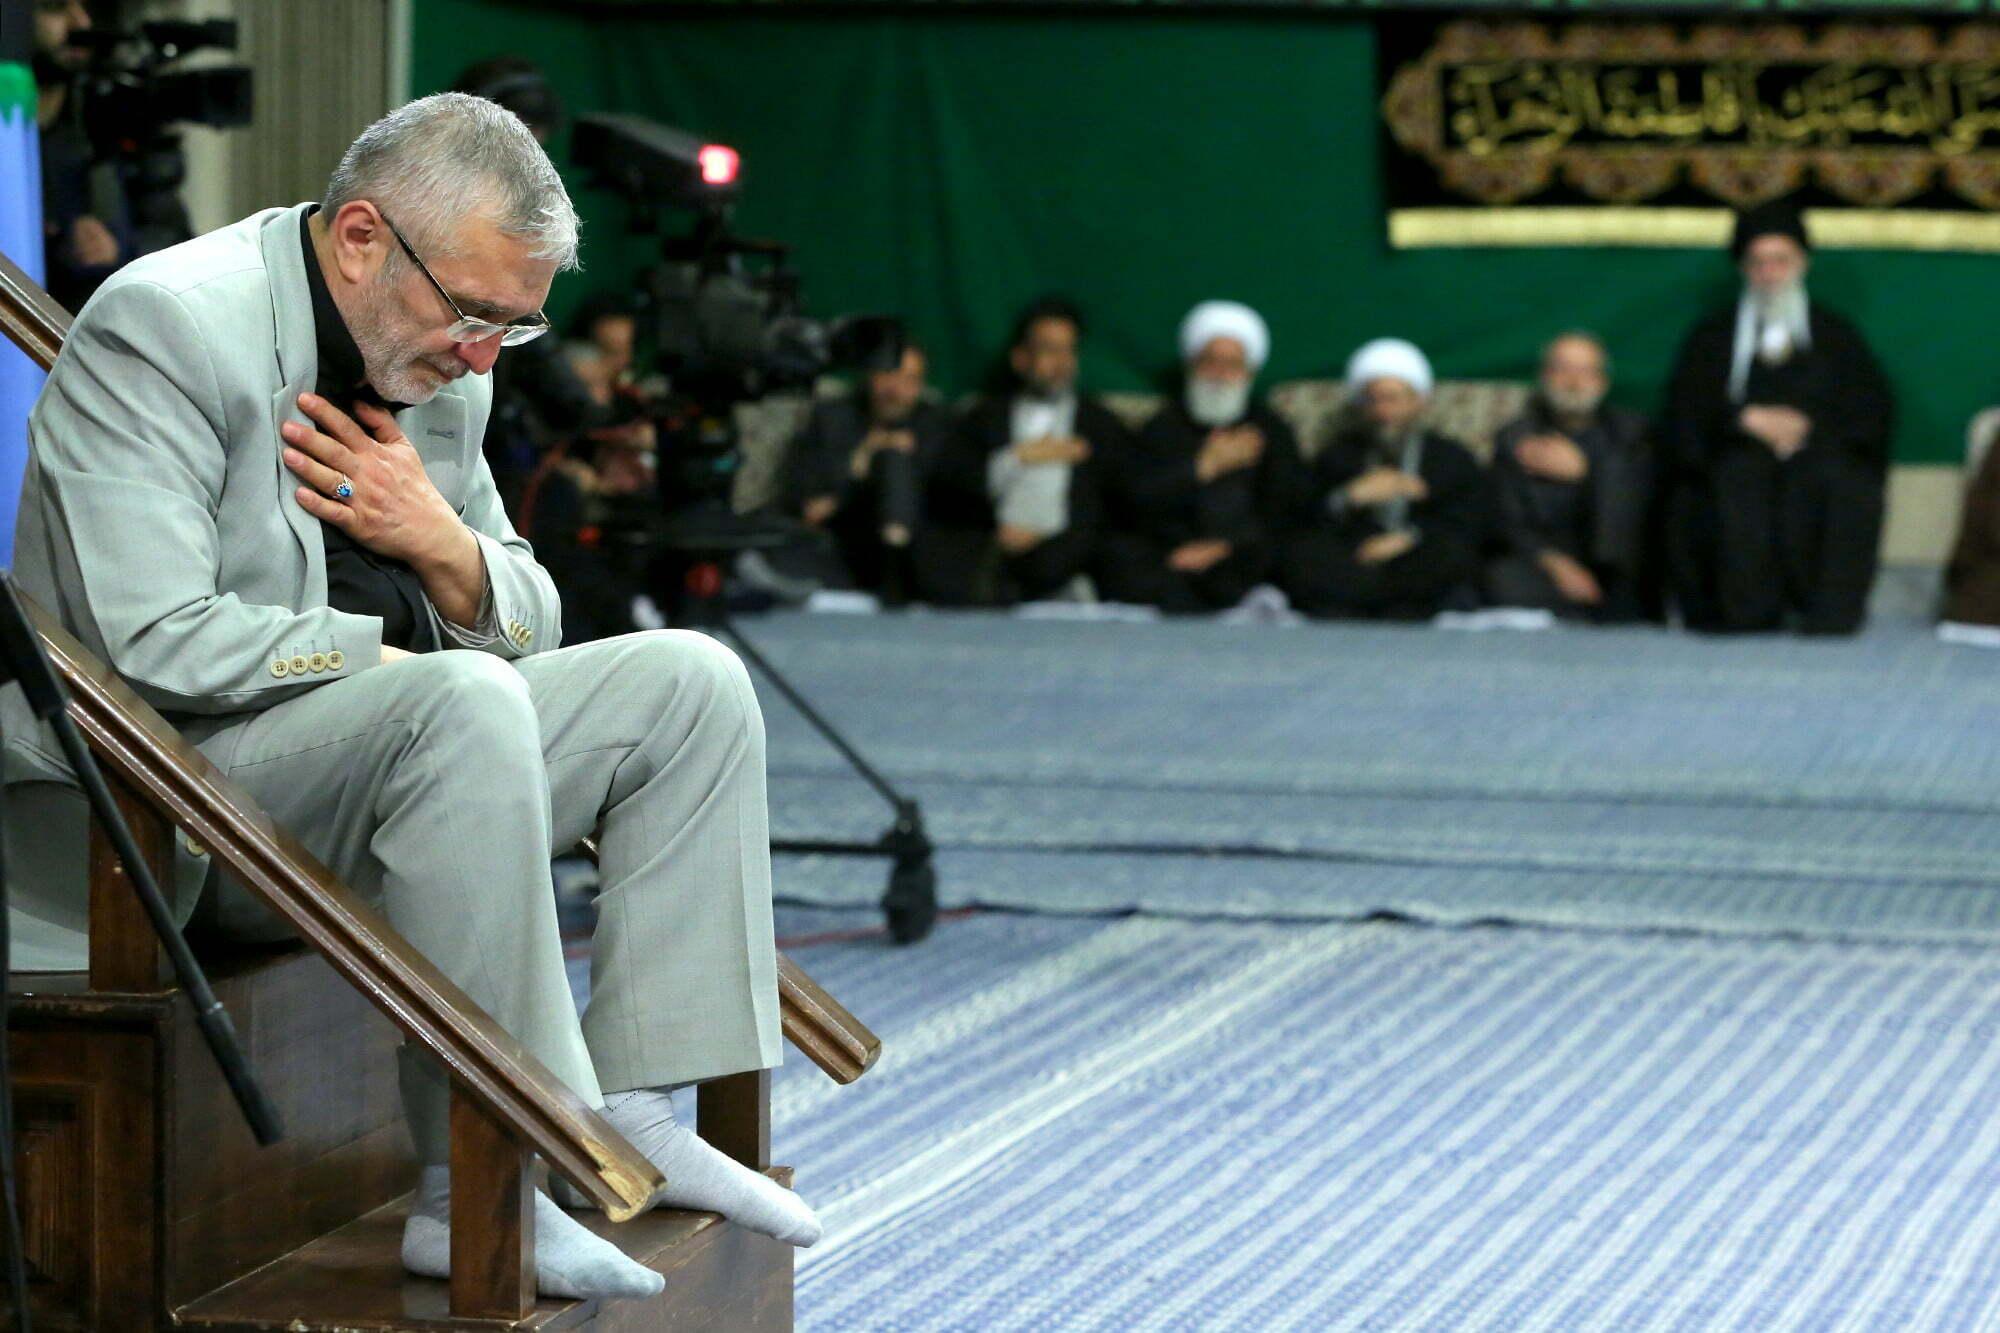 حکومتی شدن مراسم عزاداری در ایران